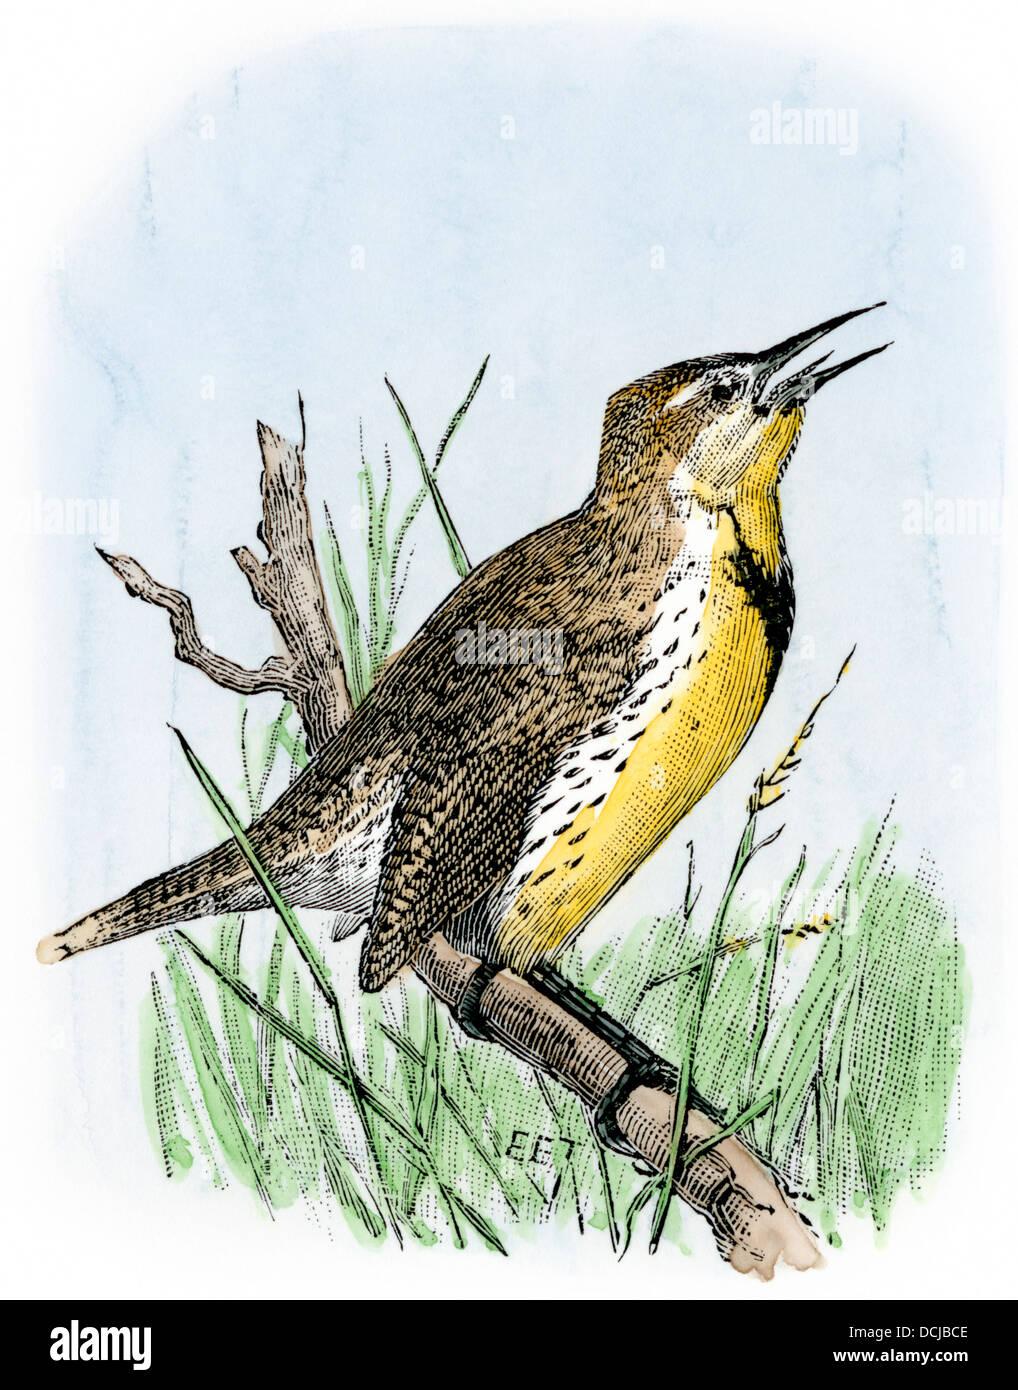 Western meadowlark cantando. Xilografía coloreada a mano Foto de stock